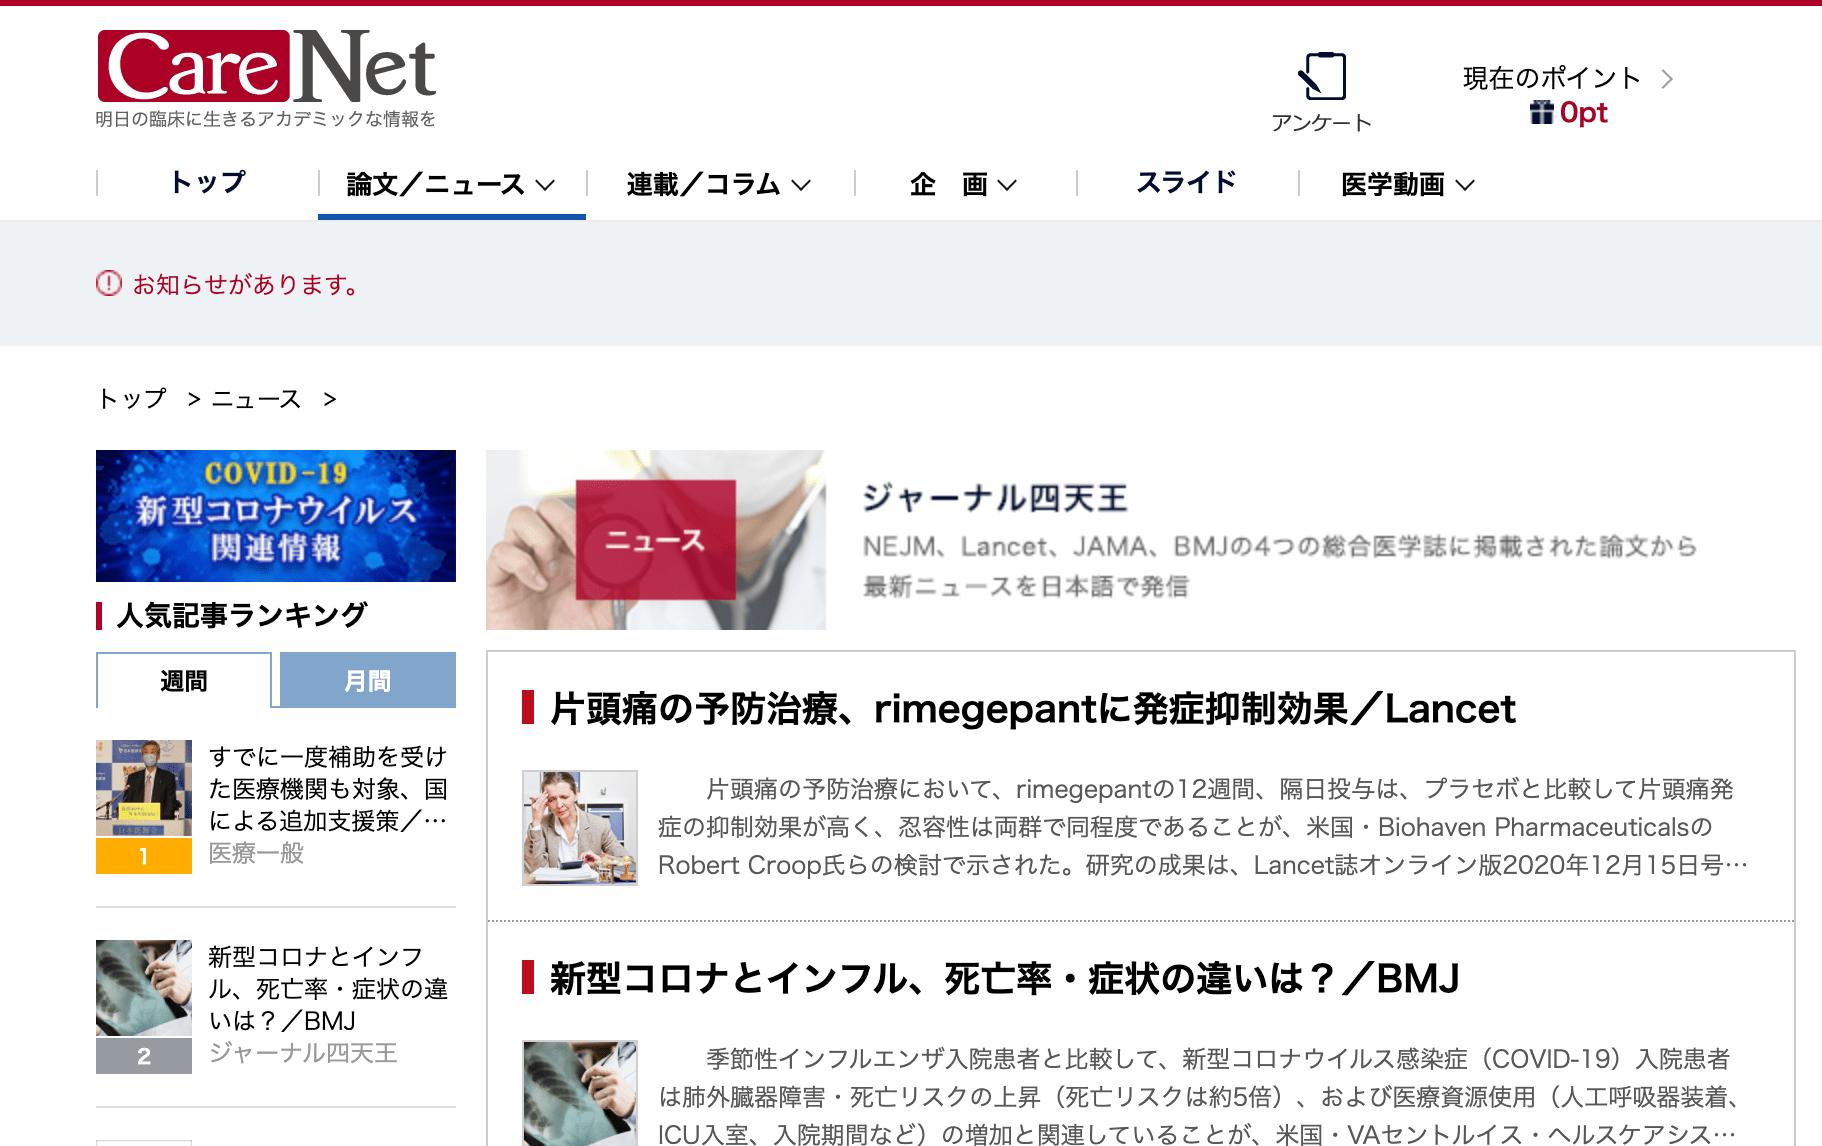 CareNet(ケアネット)ジャーナル四天王